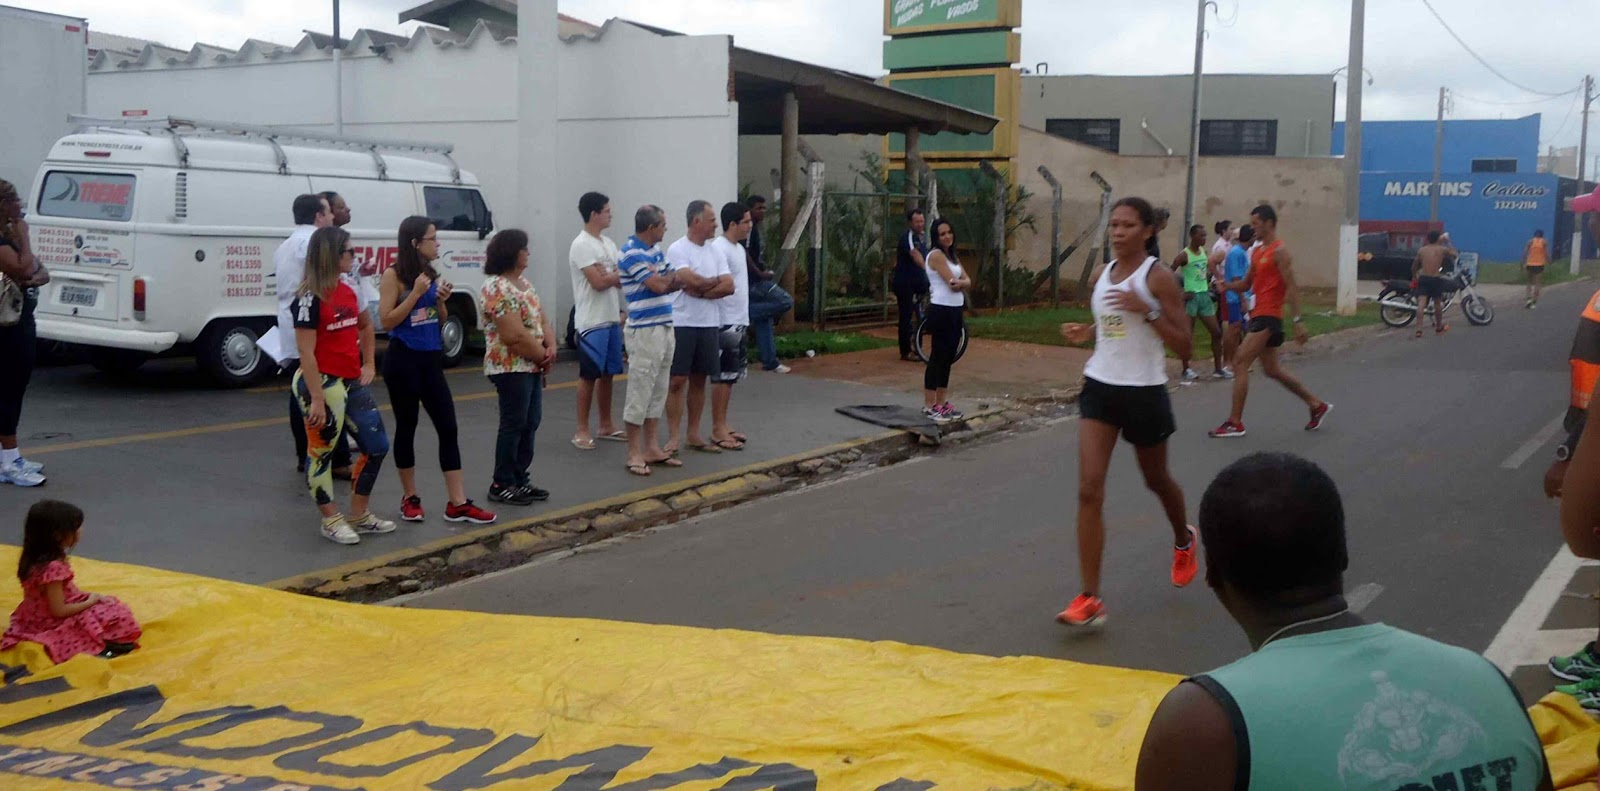 Foto 112 da 1ª Corrida Av. dos Coqueiros em Barretos-SP 14/04/2013 – Atletas cruzando a linha de chegada